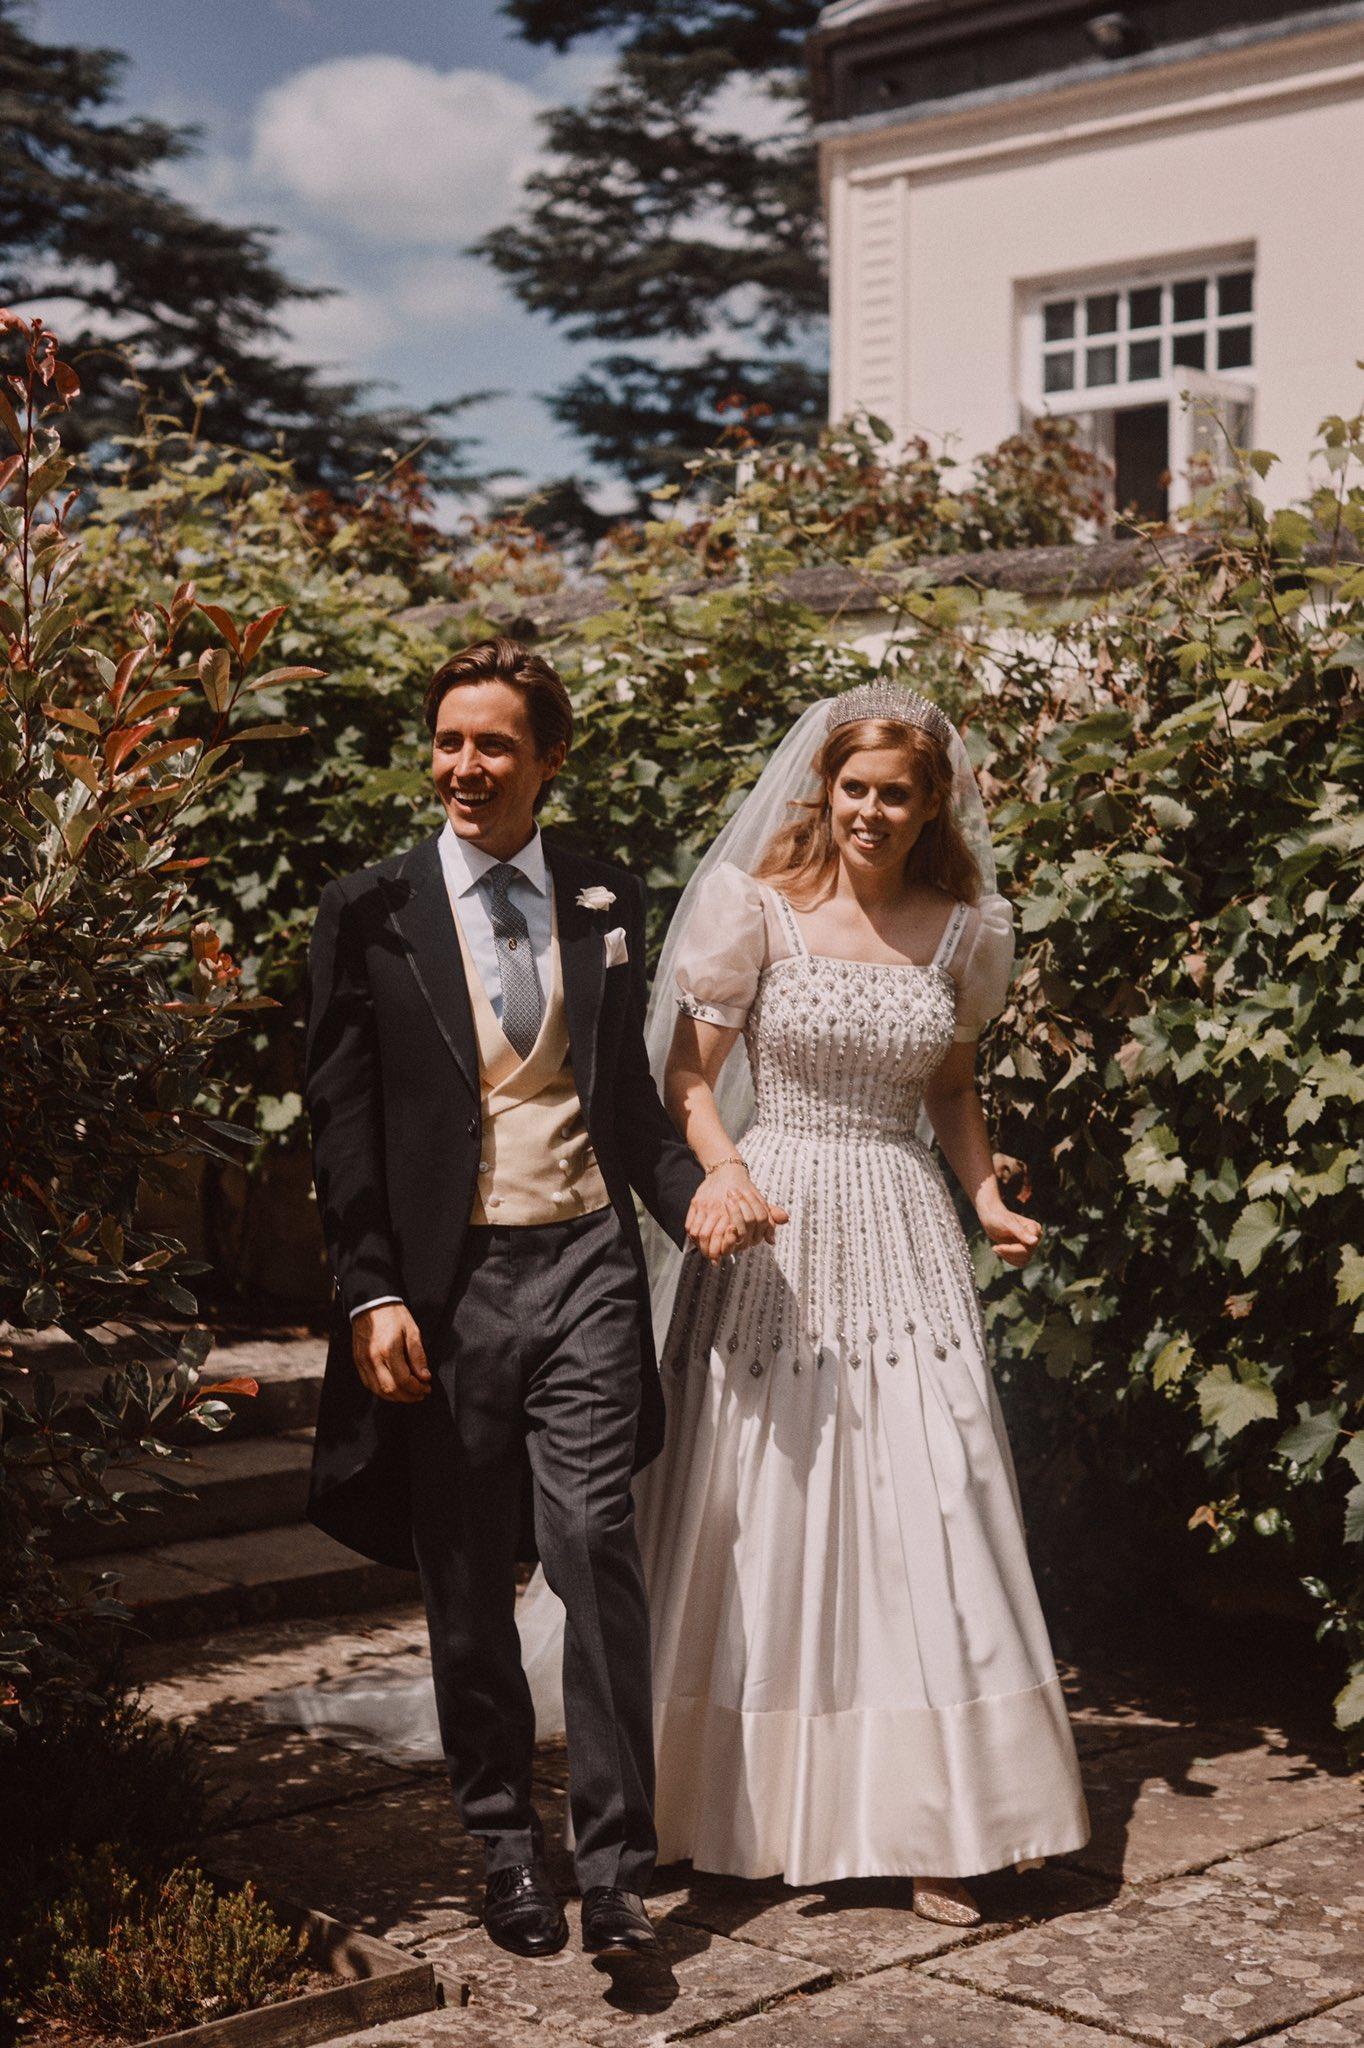 Свадебное платье принцессы Беатрис: ФОТО и интересеные факты о нем